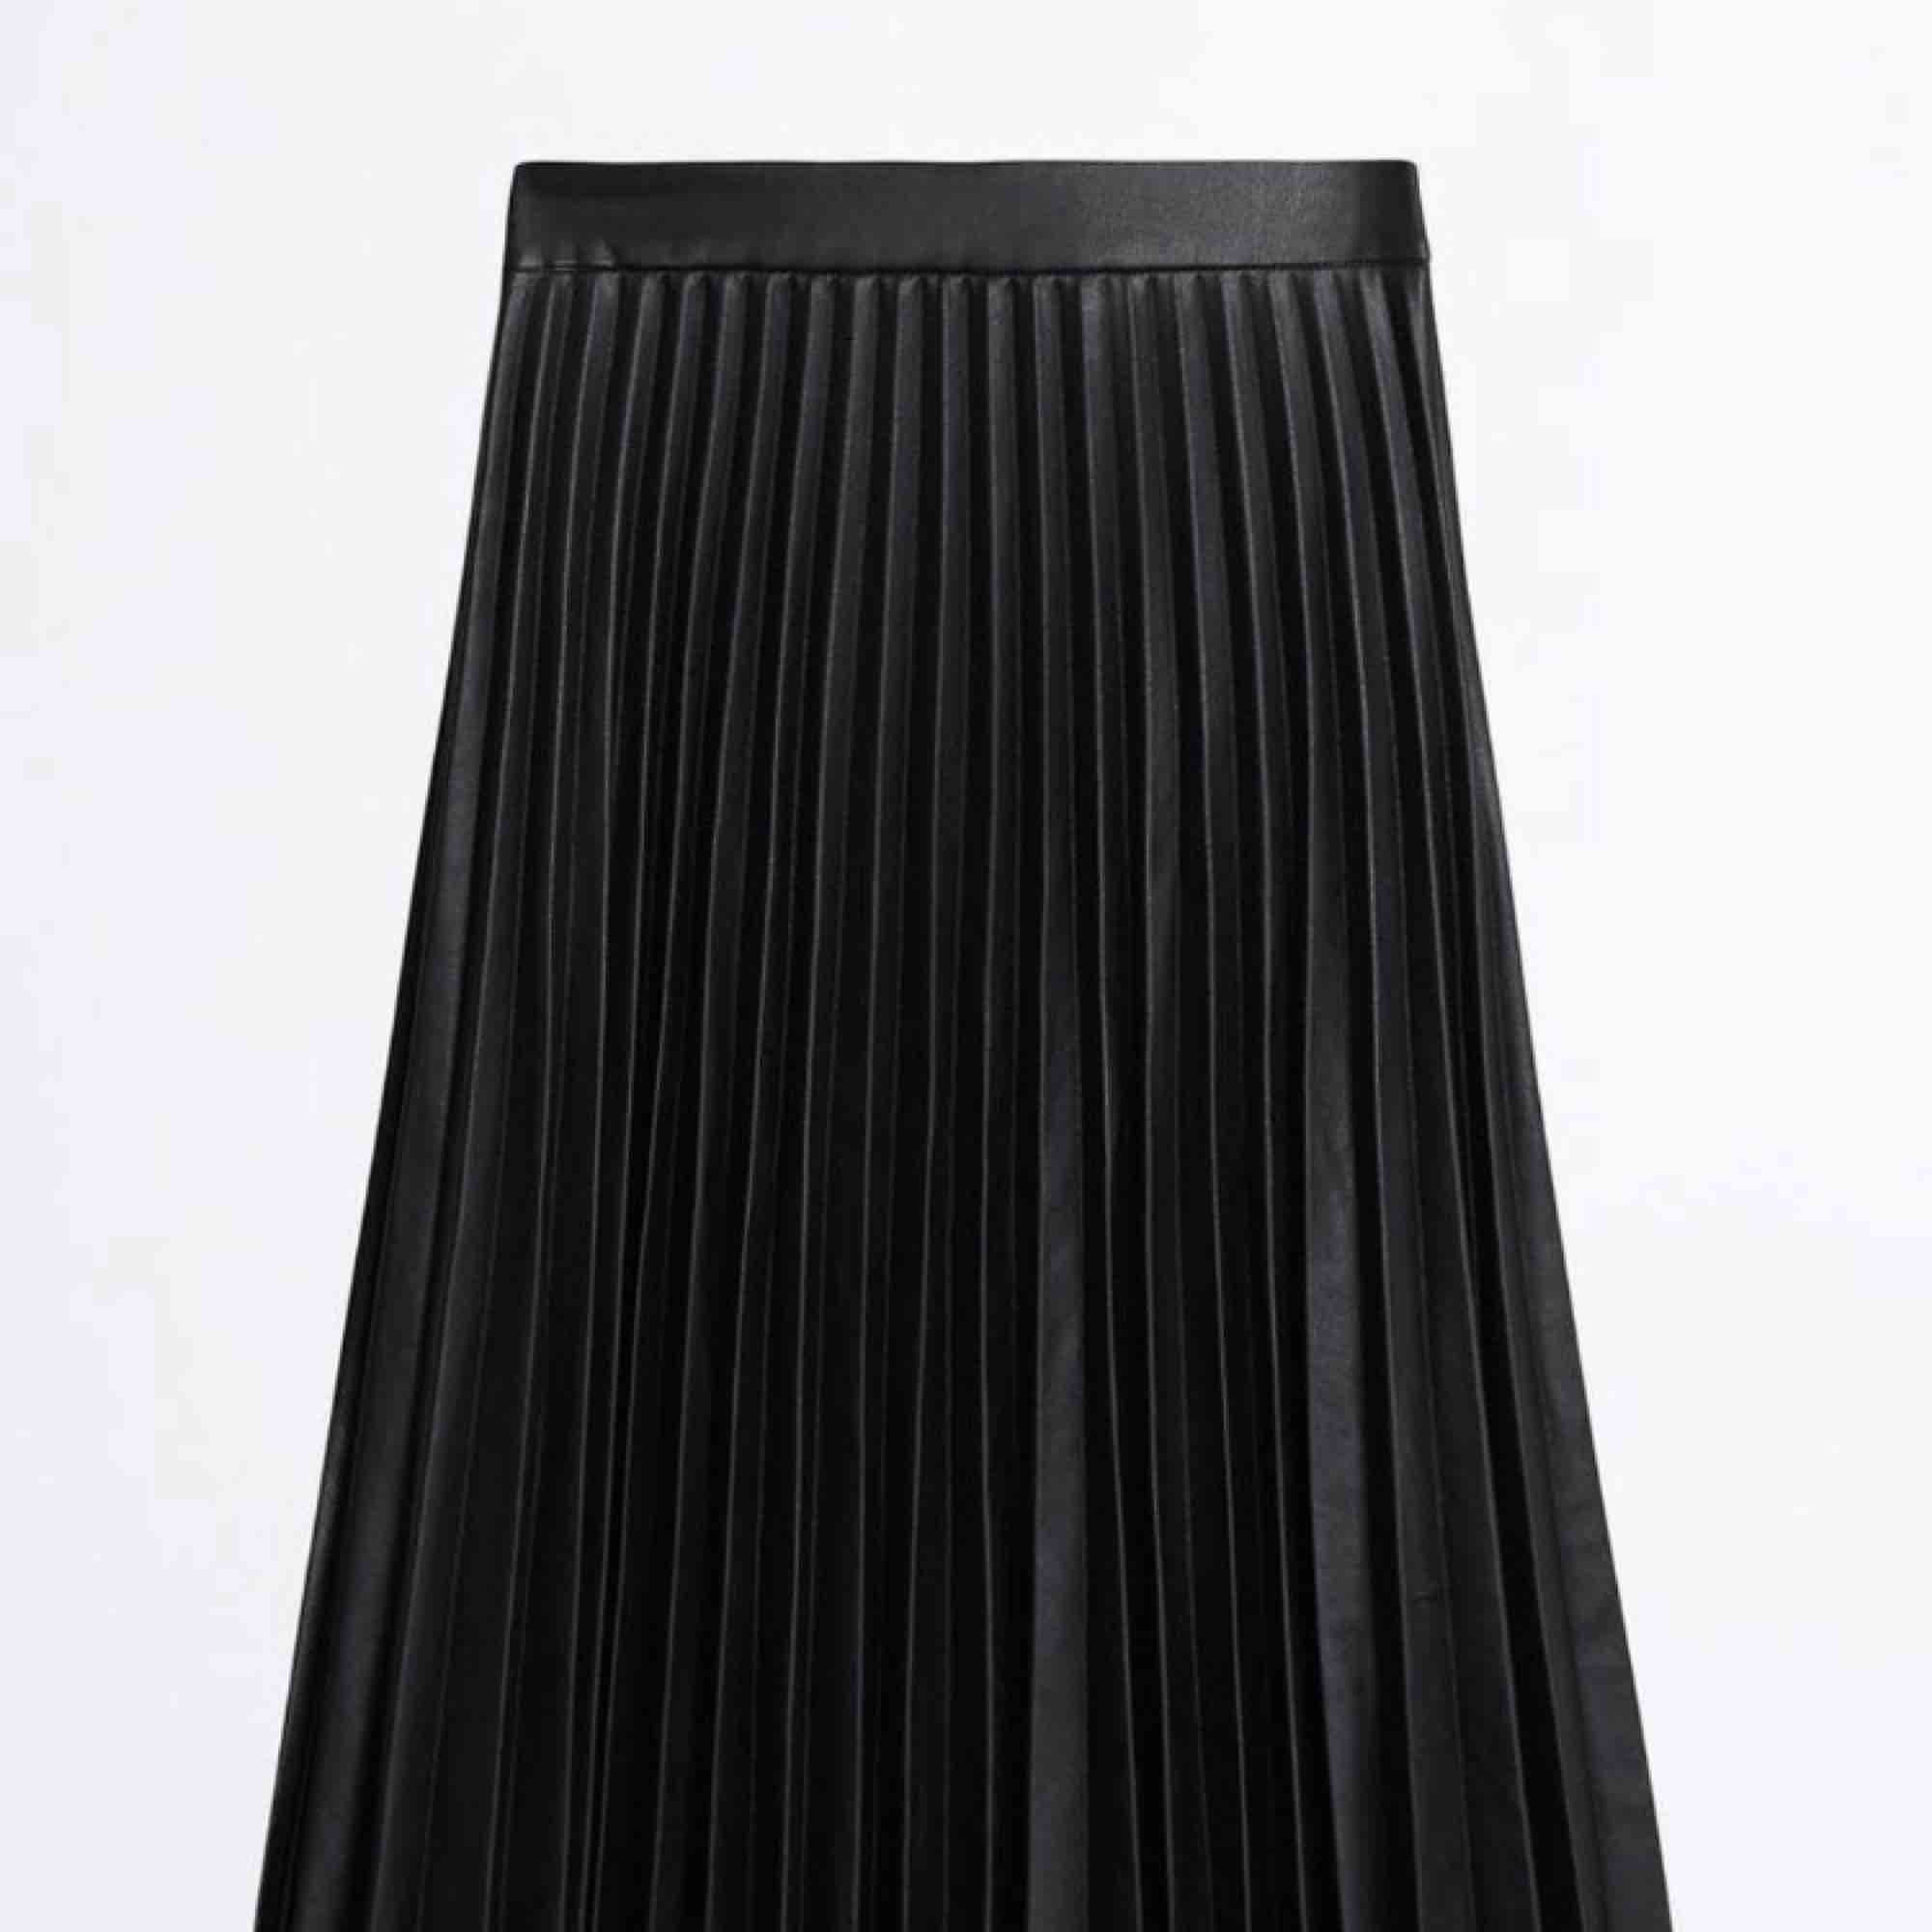 Svart plisserad kjol ifrån Ginatricot Har bara använt 1 gång tidigare. Kjolar.